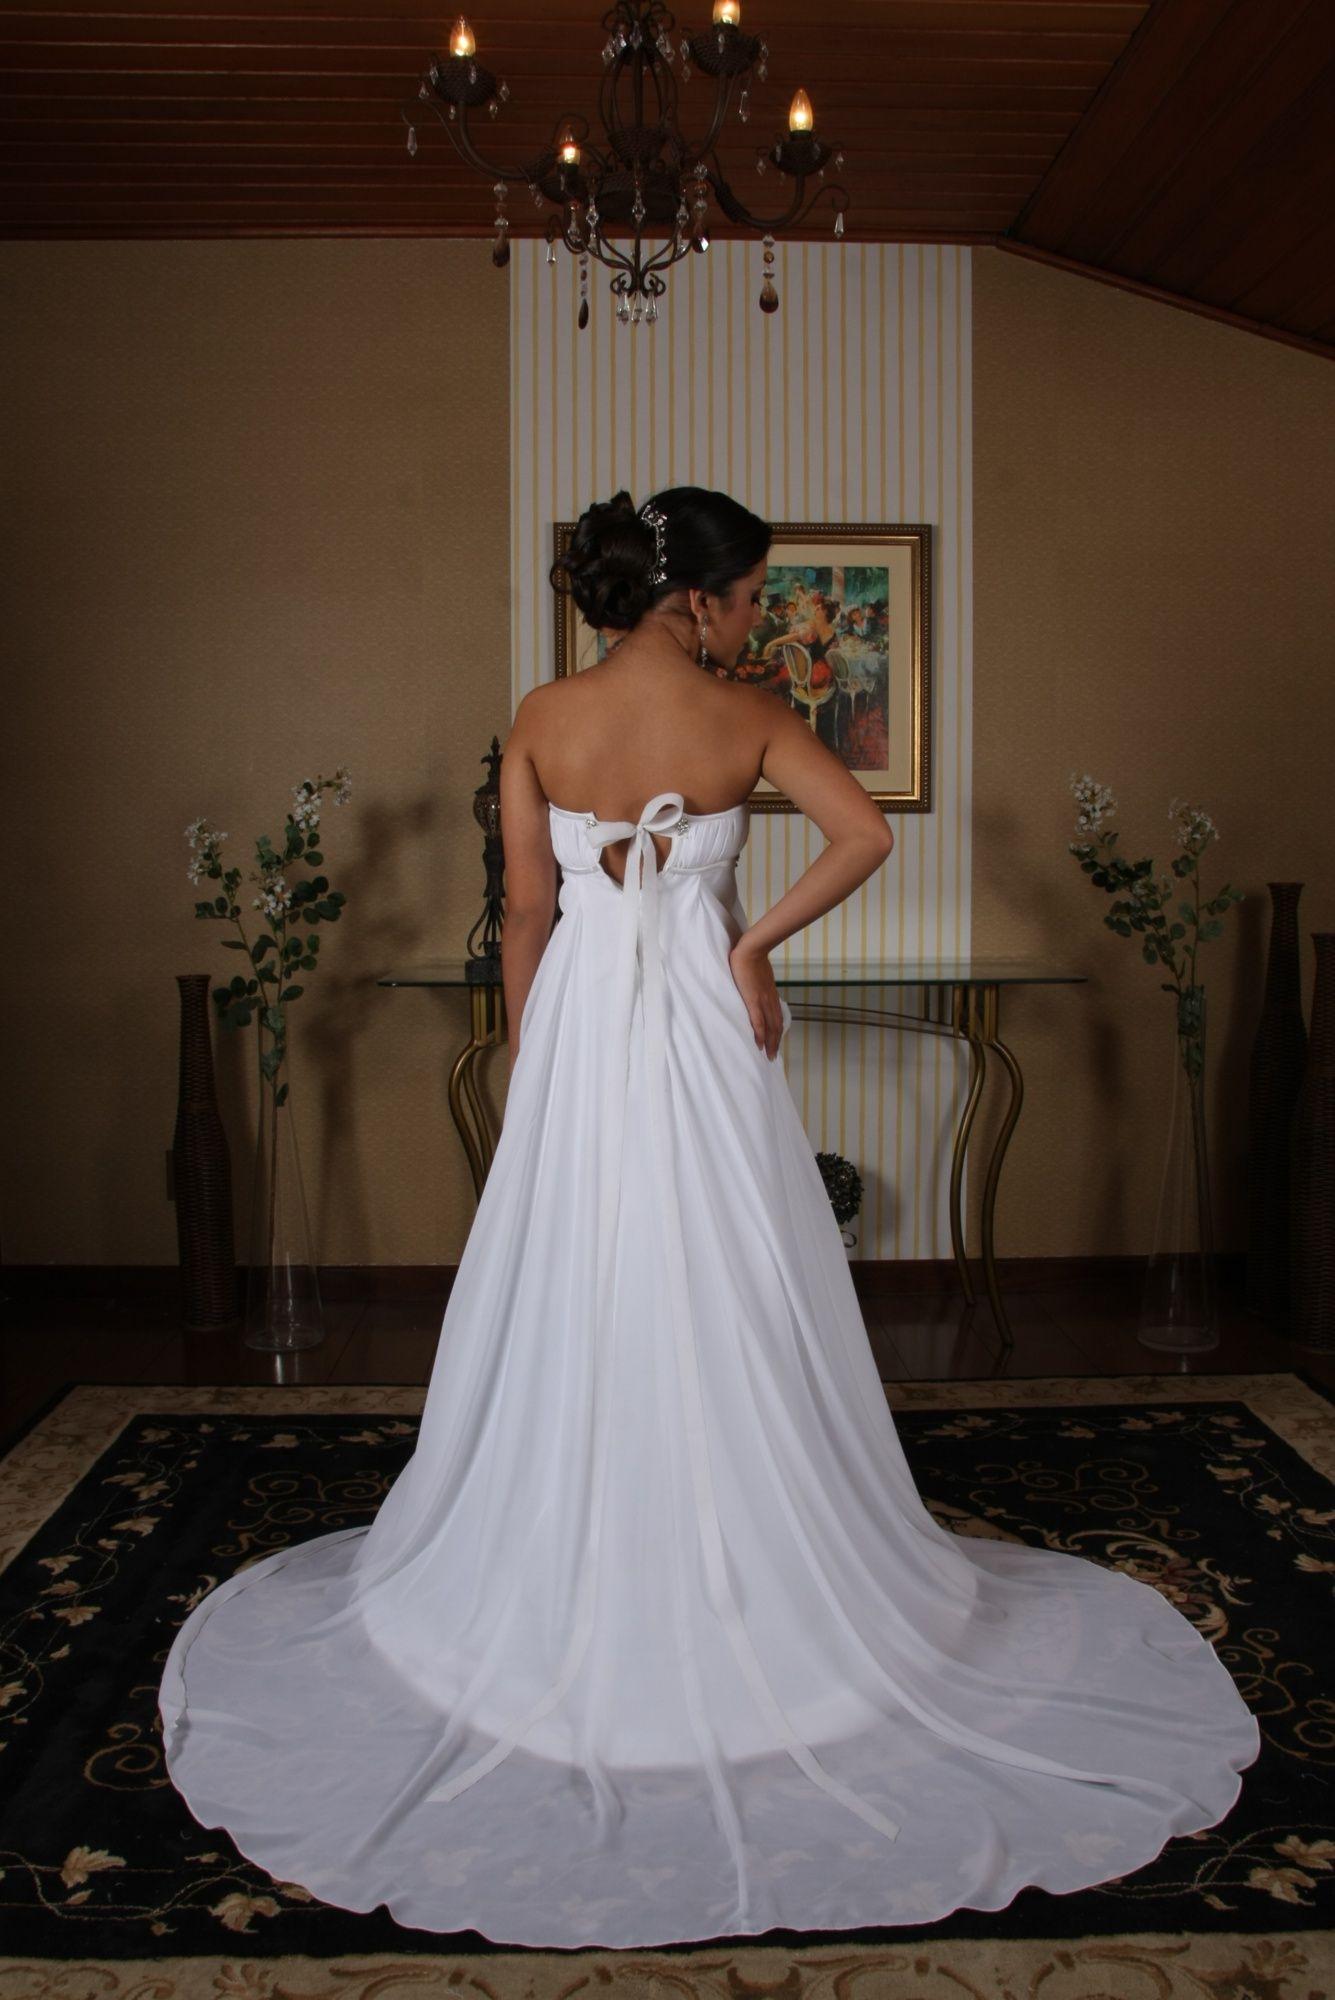 Vestido de Noiva Leve - 13 - Hipnose Alta Costura e Spa para Noivas e Noivos - Campinas - SP Vestido de Noiva, Vestido de Noiva Leve, Hipnose Alta Costura